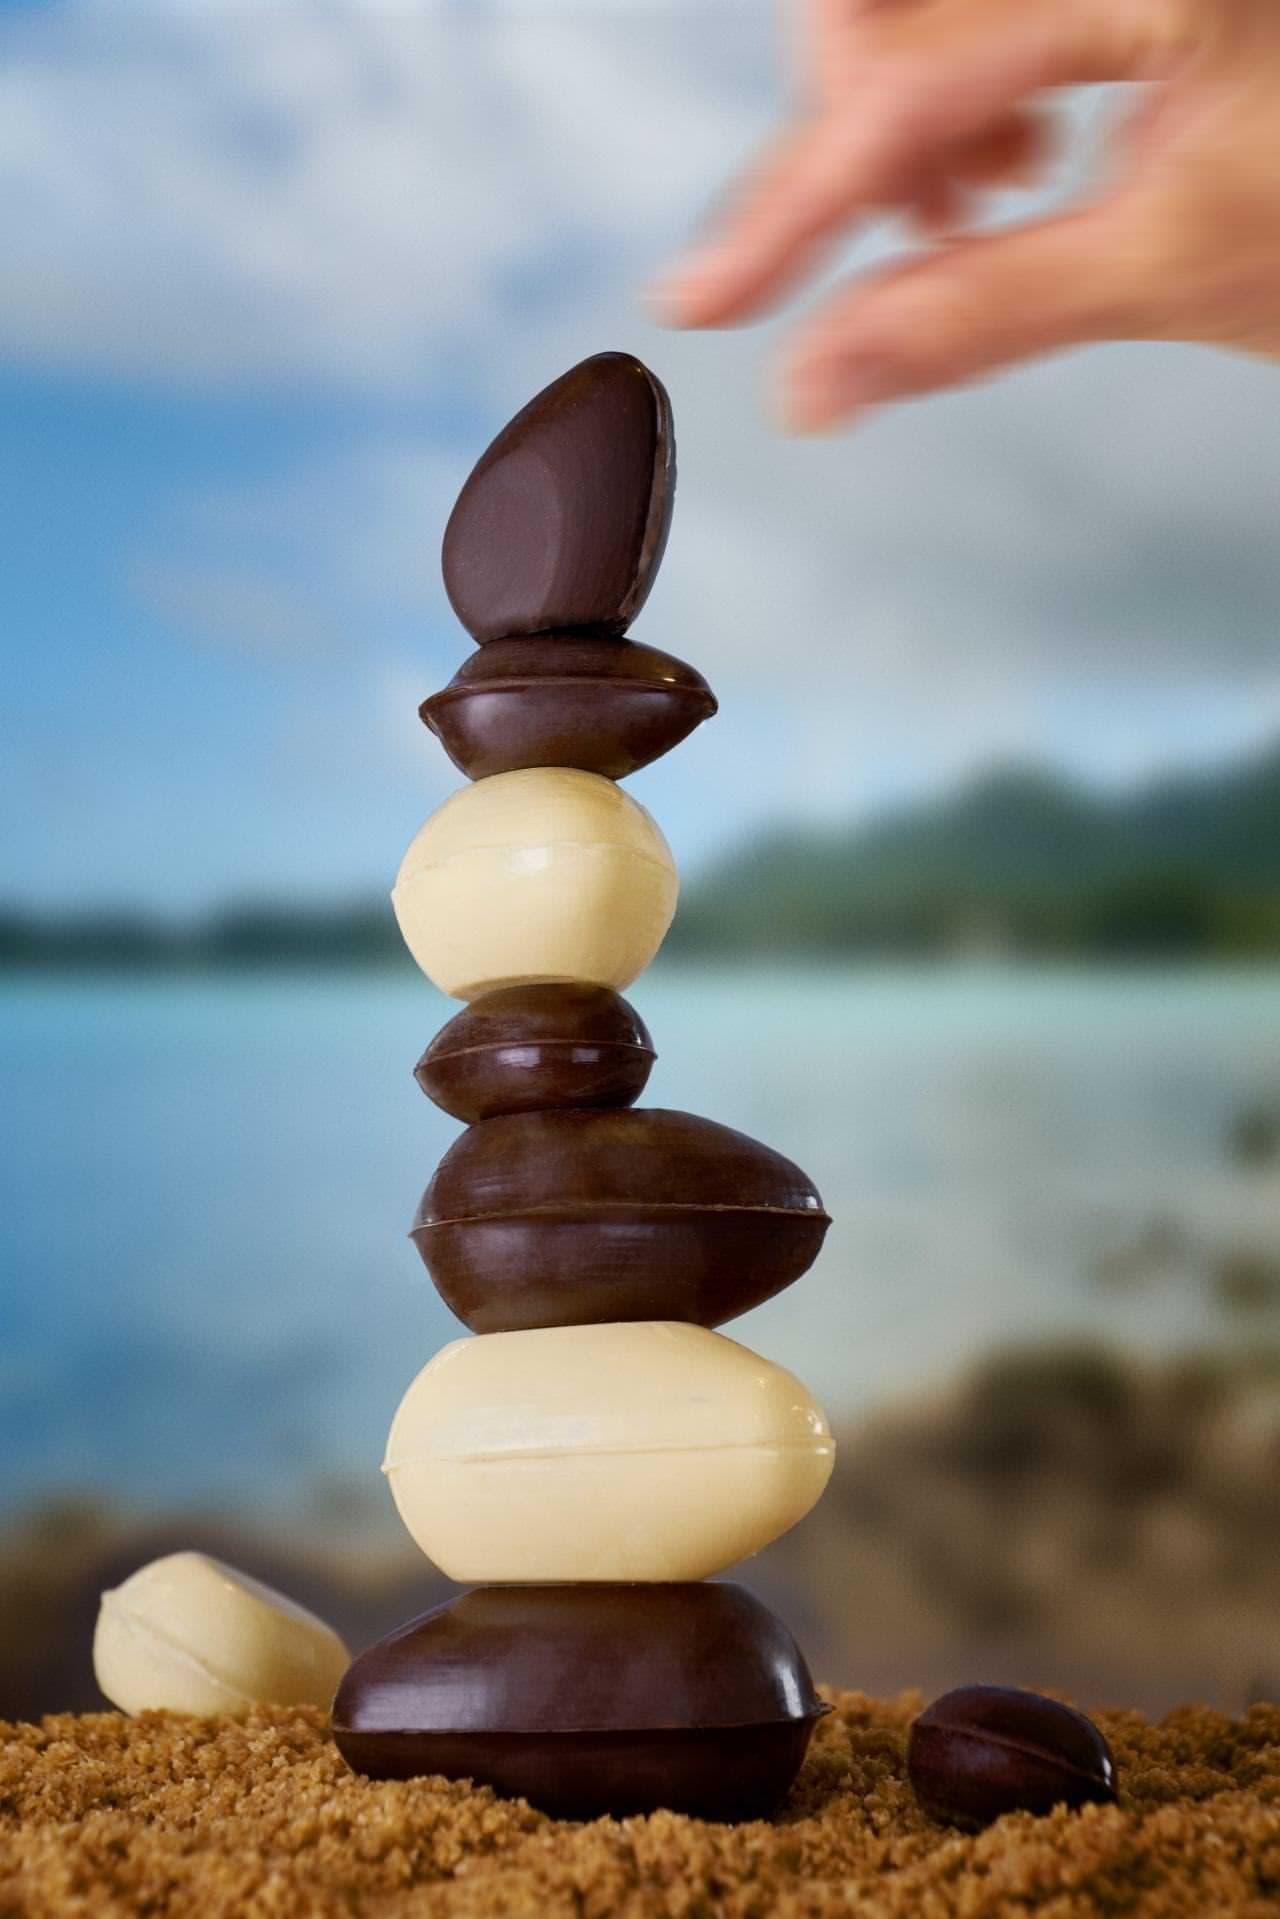 GIAPOのイースター向けアイスクリーム「Tu Kohatu」